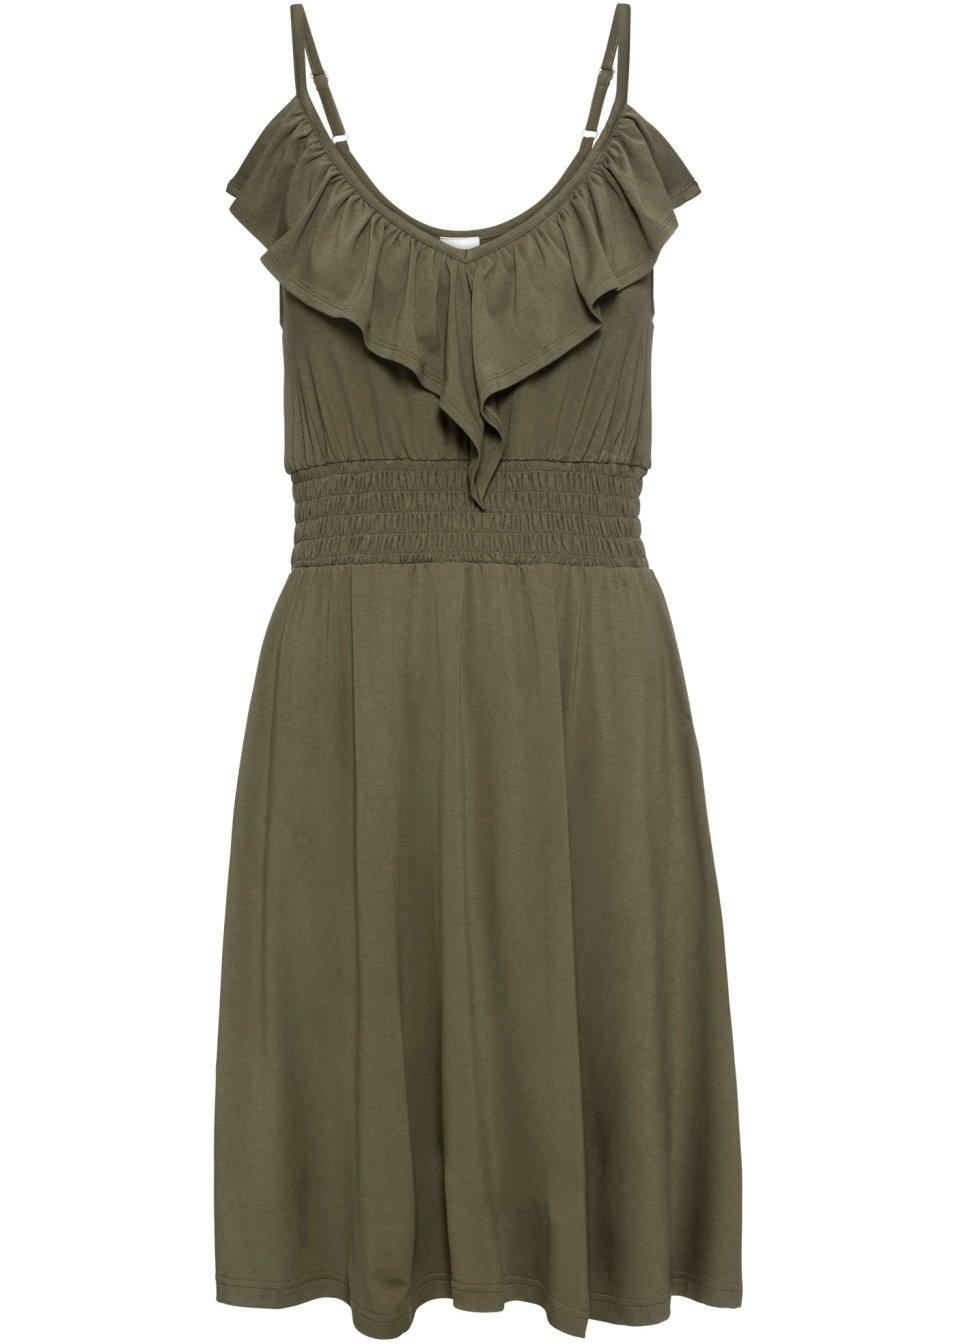 Ärmelloses Jerseykleid mit Volant und tiefem V-Ausschnitt - dunkeloliv IxASF dPXxR